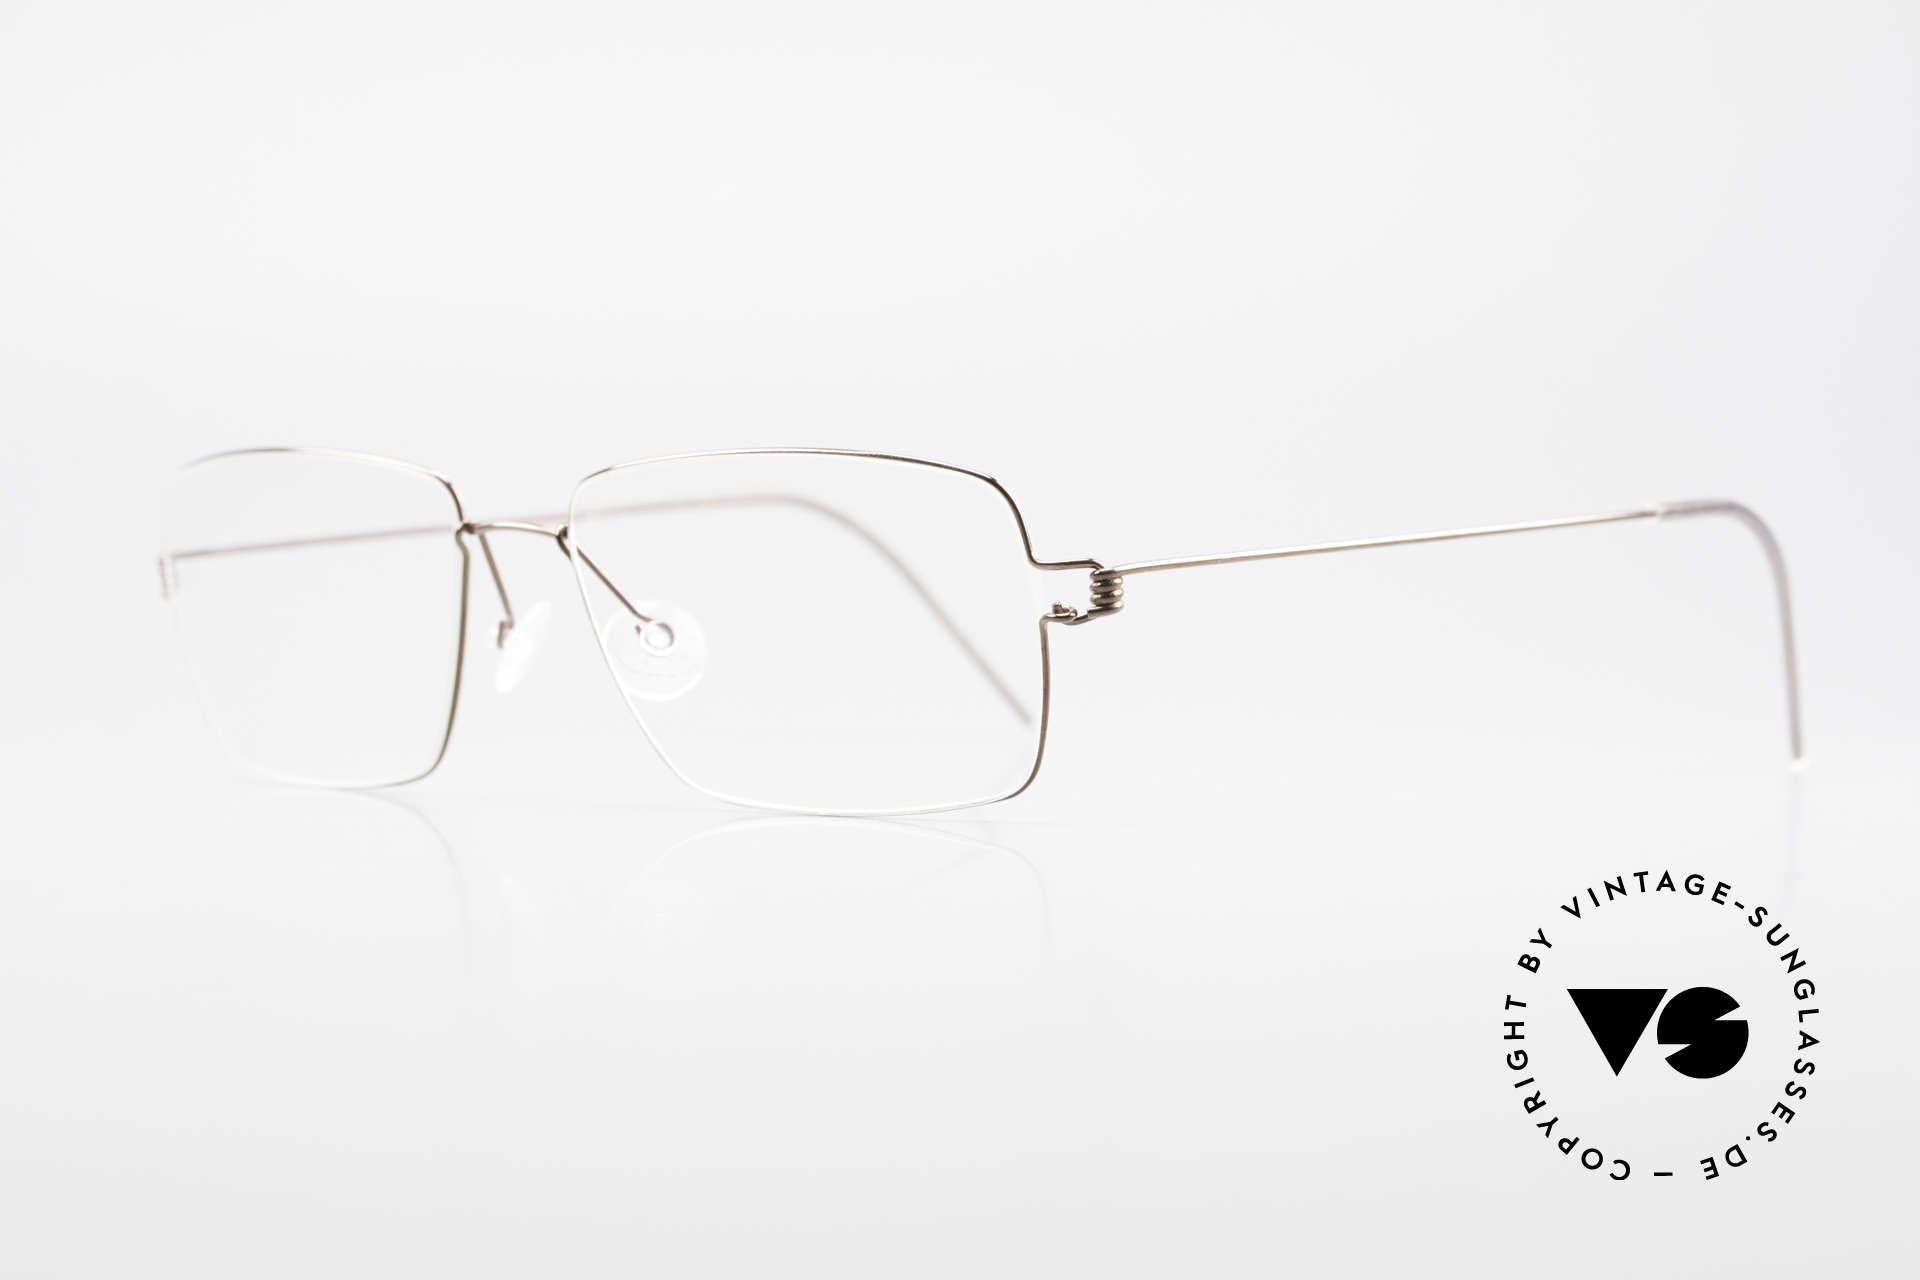 """Lindberg Nikolaj Air Titan Rim High-End Titanium Herrenbrille, so zeitlos, stilvoll und innovativ = Prädikat """"VINTAGE"""", Passend für Herren"""